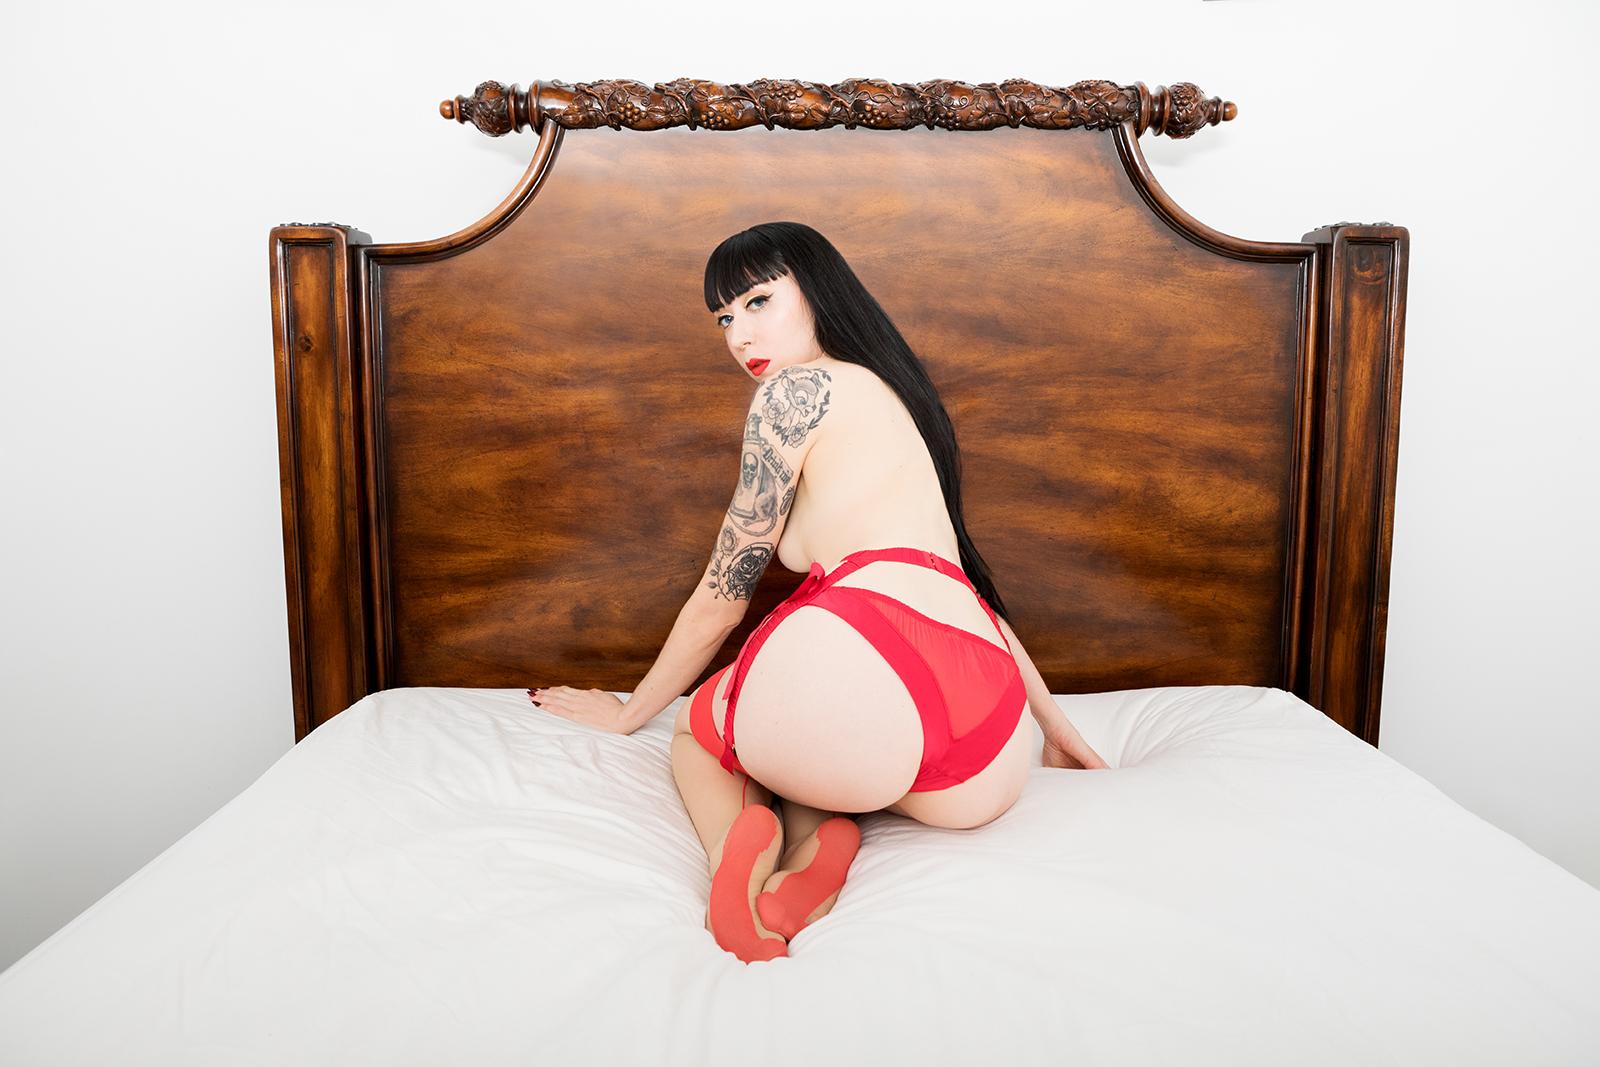 Mistress_Ramona_Ryder_SF_San_Francisco_Escort_Dominatrix_Domme_Ass_Worship_Butt_Bottom_ass_worship_tease_denial.jpg